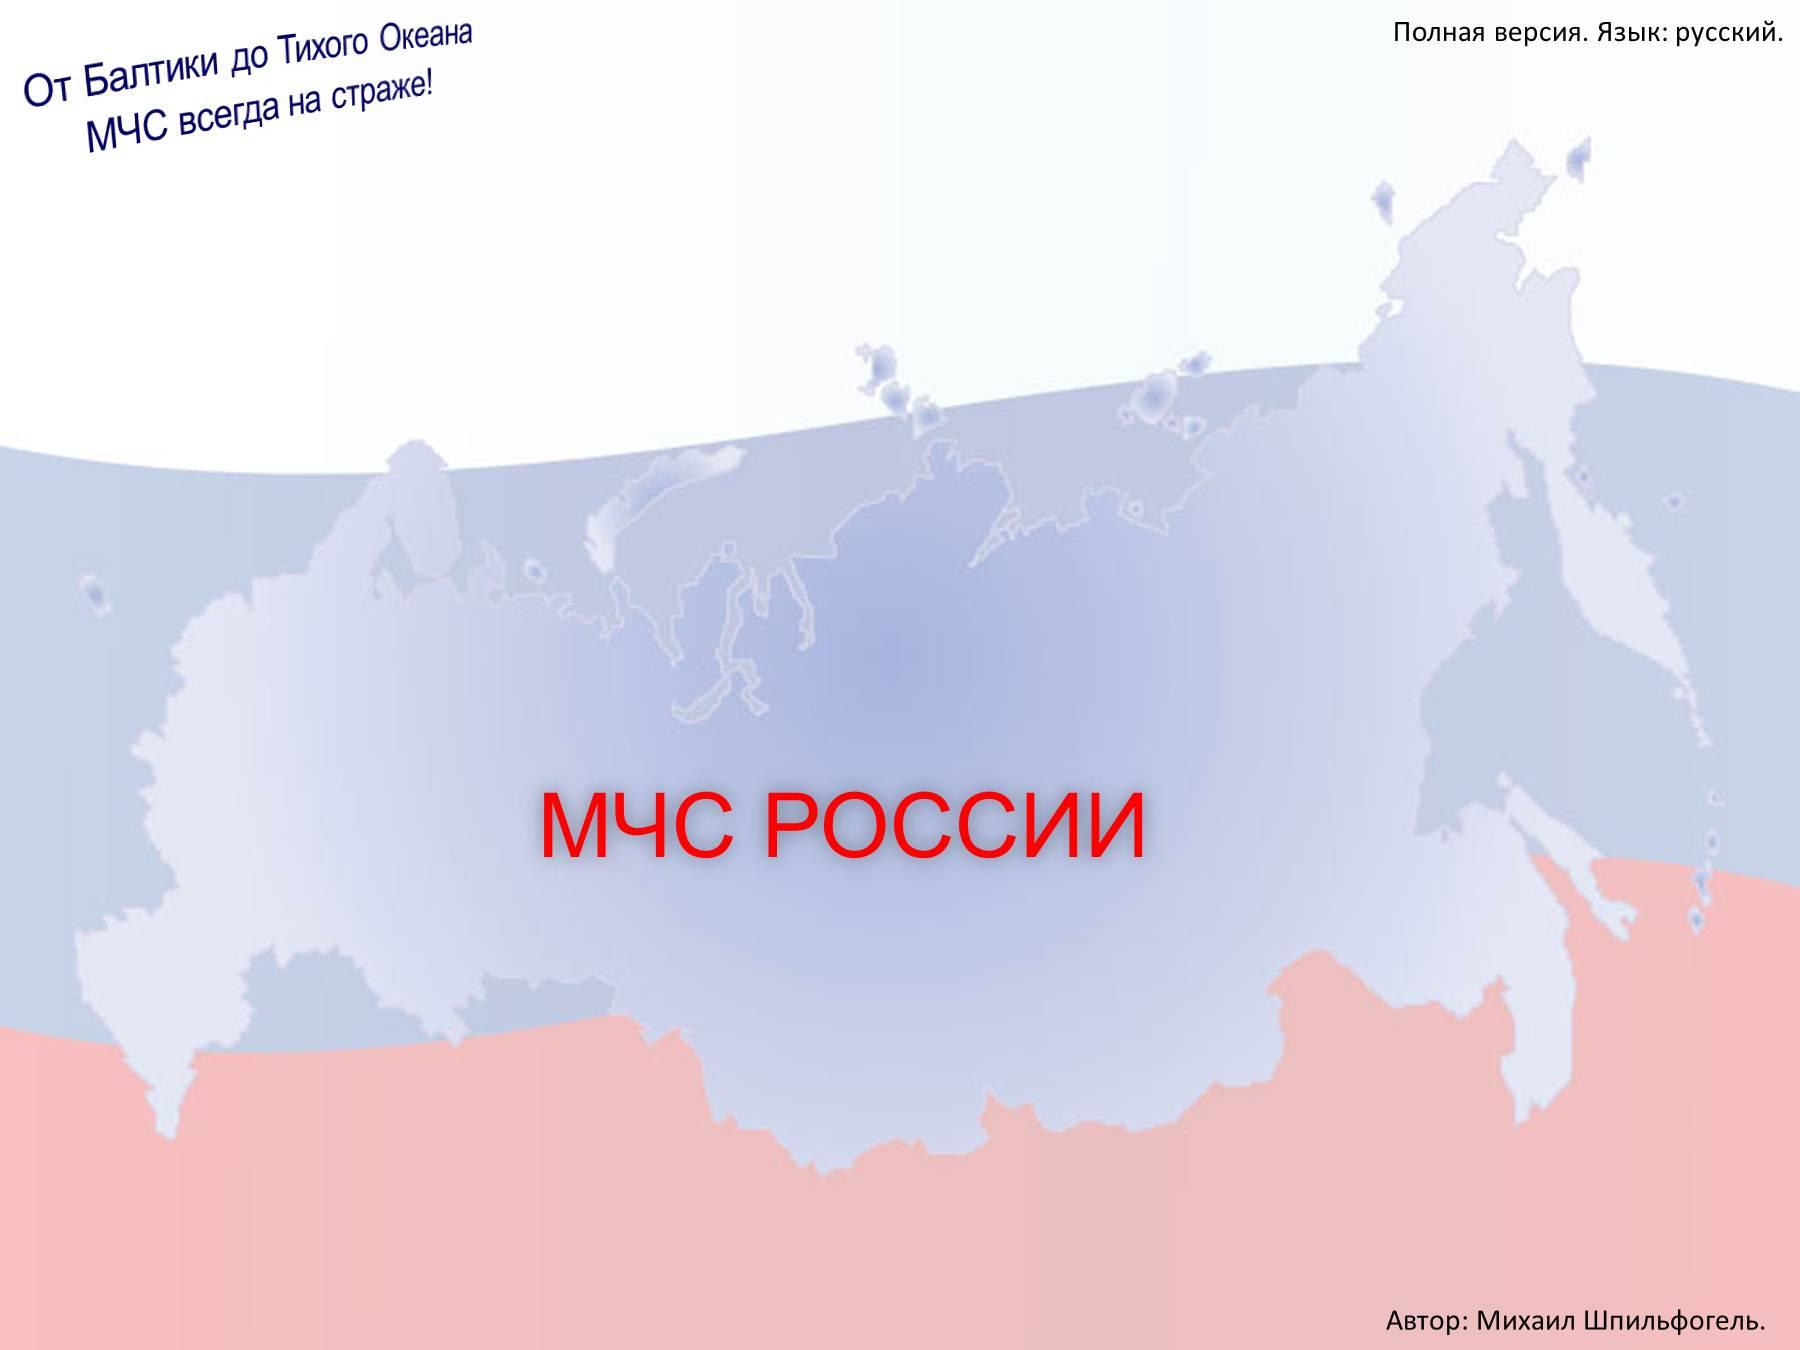 пожарная охрана мчс россии презентация